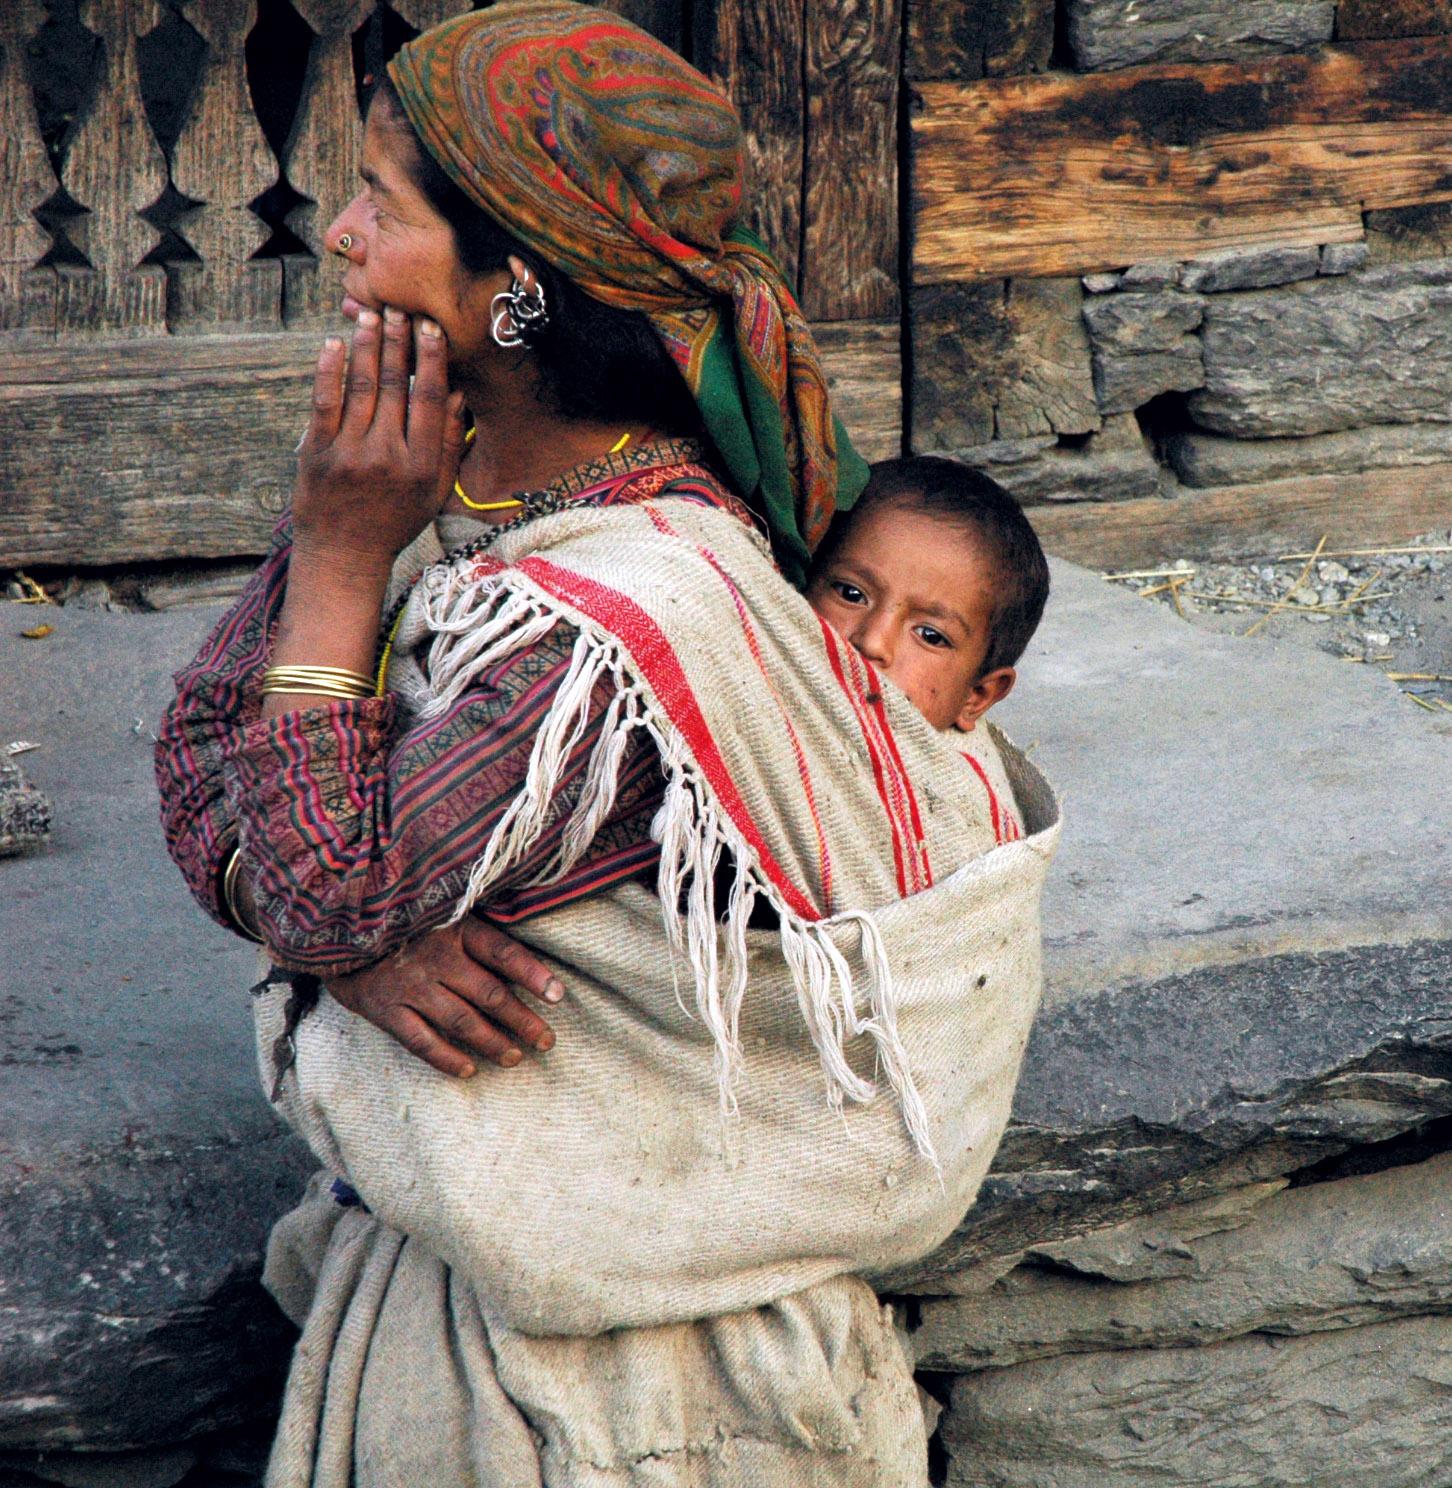 http://3.bp.blogspot.com/_FTAuB94p91o/TM7sww0NKqI/AAAAAAAAA0E/s3Acx4hdCFc/s1600/Southeast_asian_mother_and_child.jpg